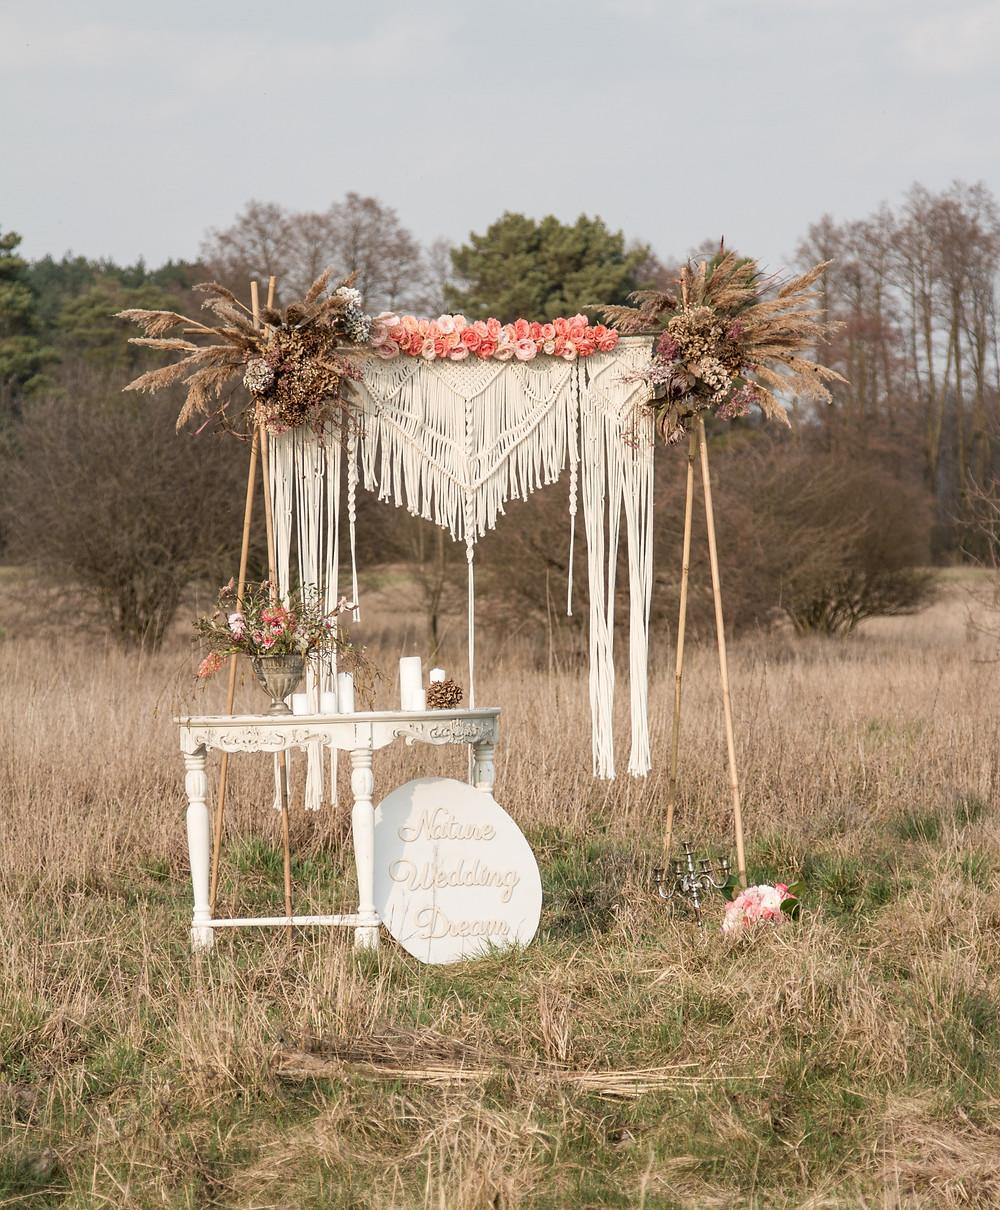 dekoracje ślubne, sesja zdjęciowa, sesja ślubne, ślub plenerowy, sesja plenerowa, szuszone rośliny, suszki, ścianka ślubna, ślub cywilny